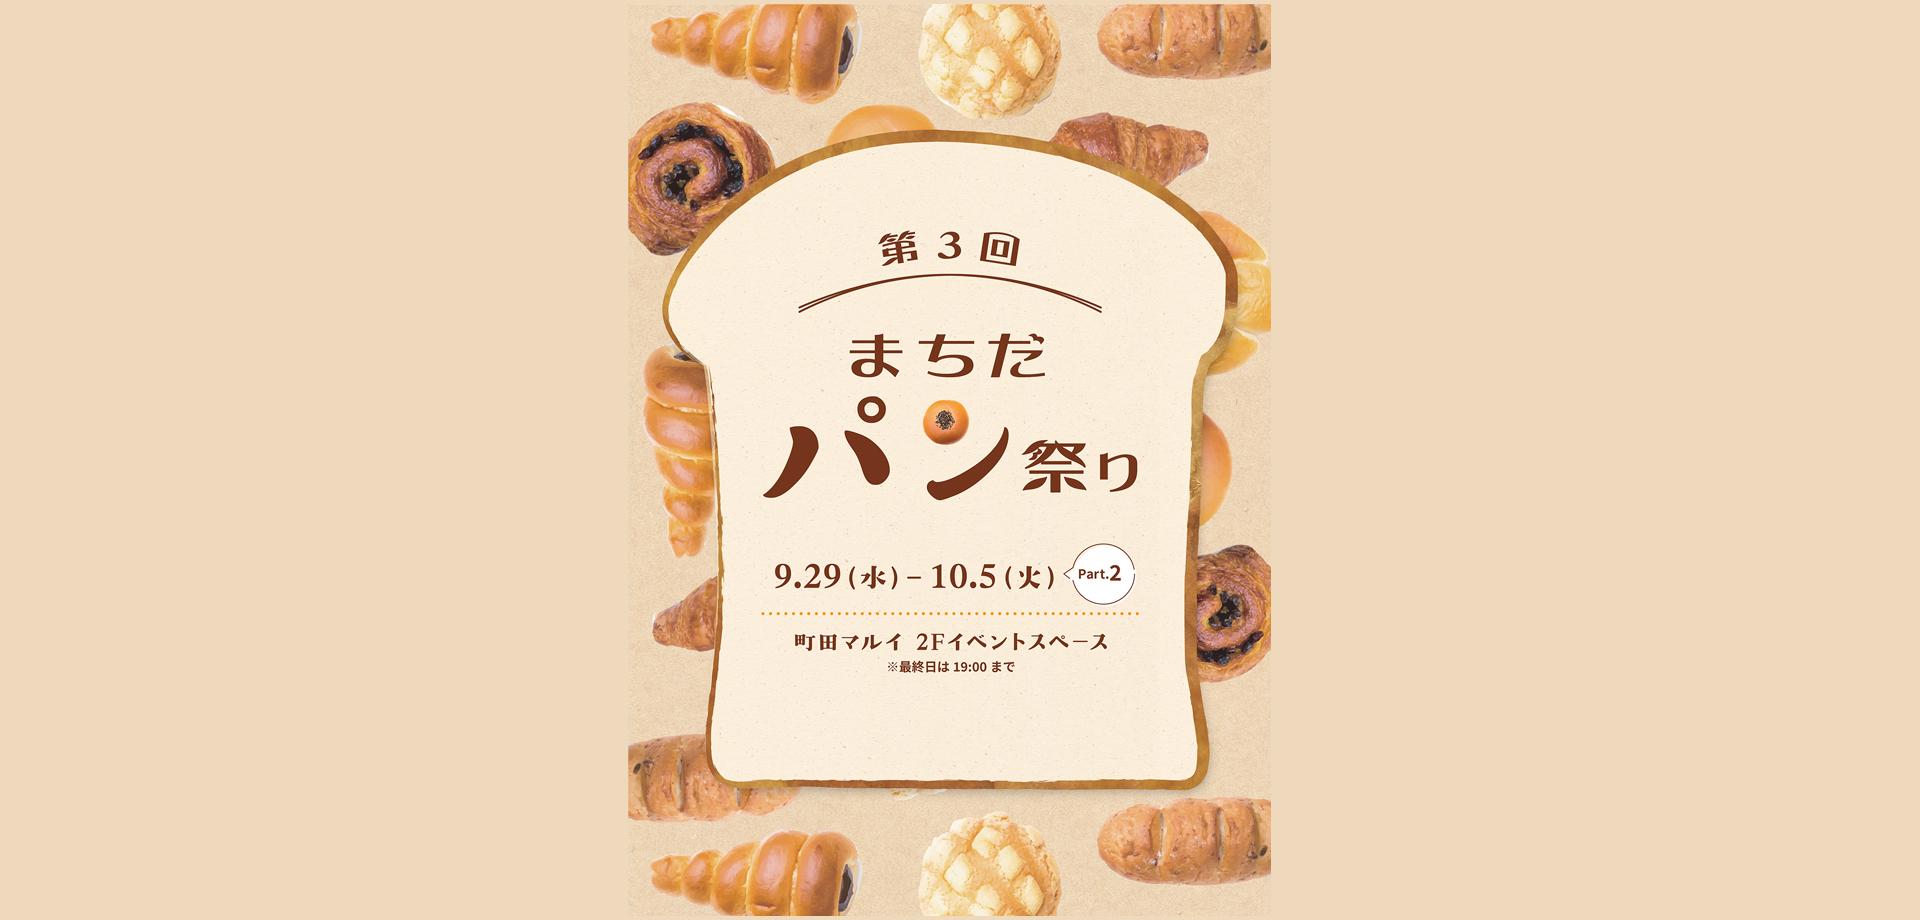 町田マルイ「第3回まちだパン祭り」Part.2